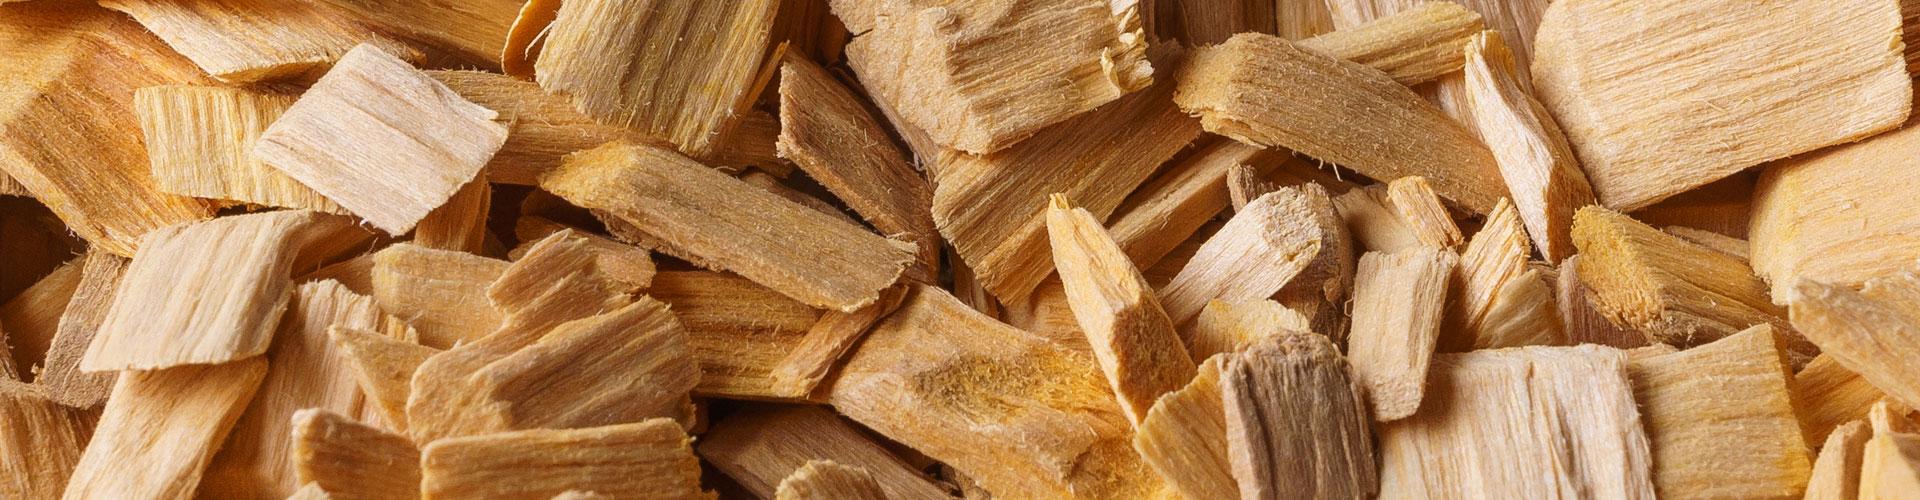 Biodigestores e a Biomassa de Cavacos de Madeira